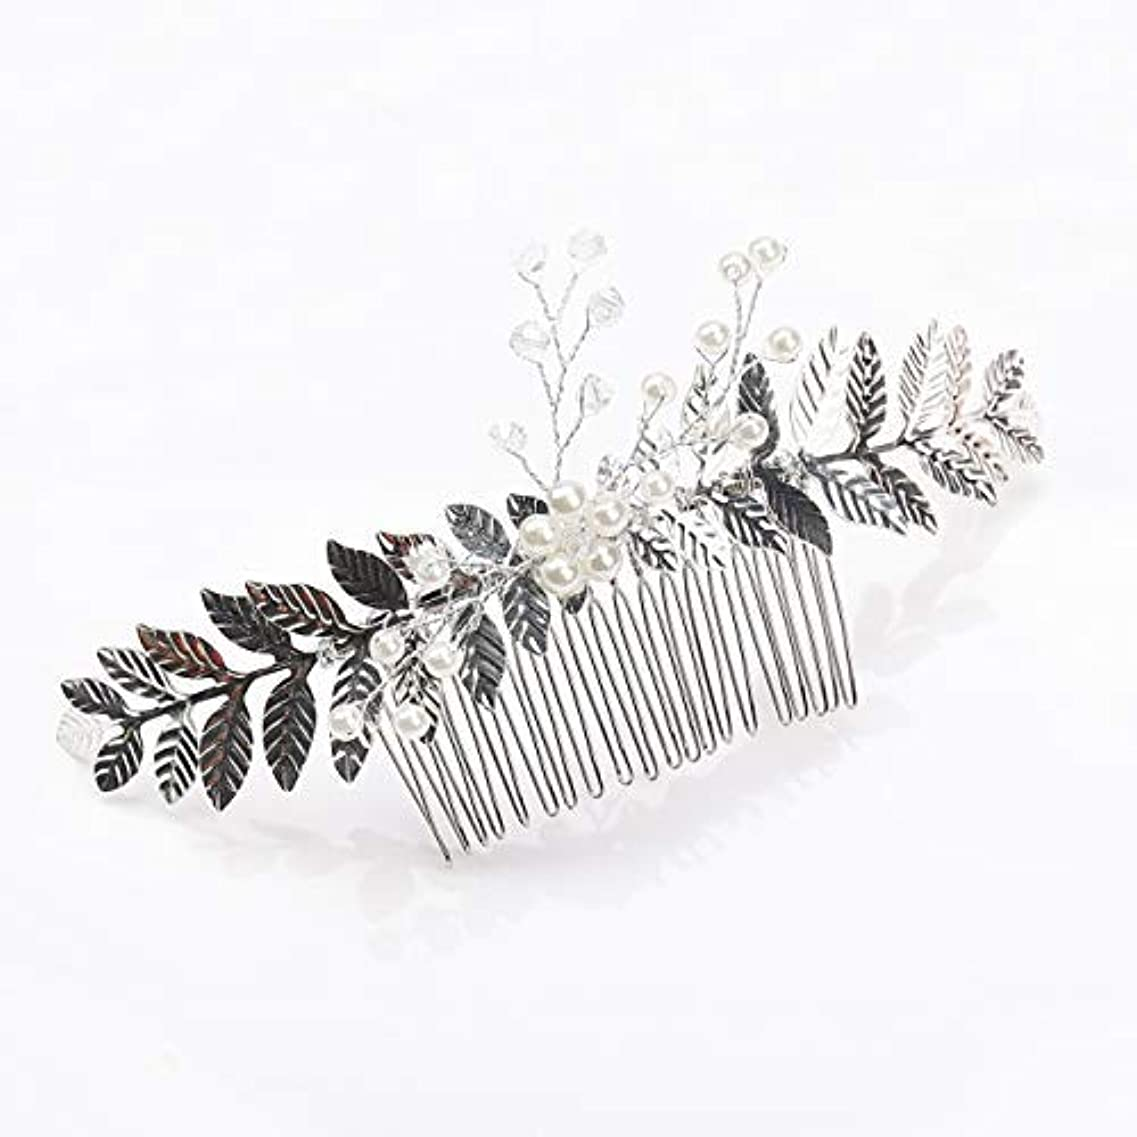 資料暫定の解き明かすKercisbeauty Rustic Wedding Oliver Branch Pearl Flower and Crystal Hair Comb for Bride Bridesmaid Prom Headpiece...